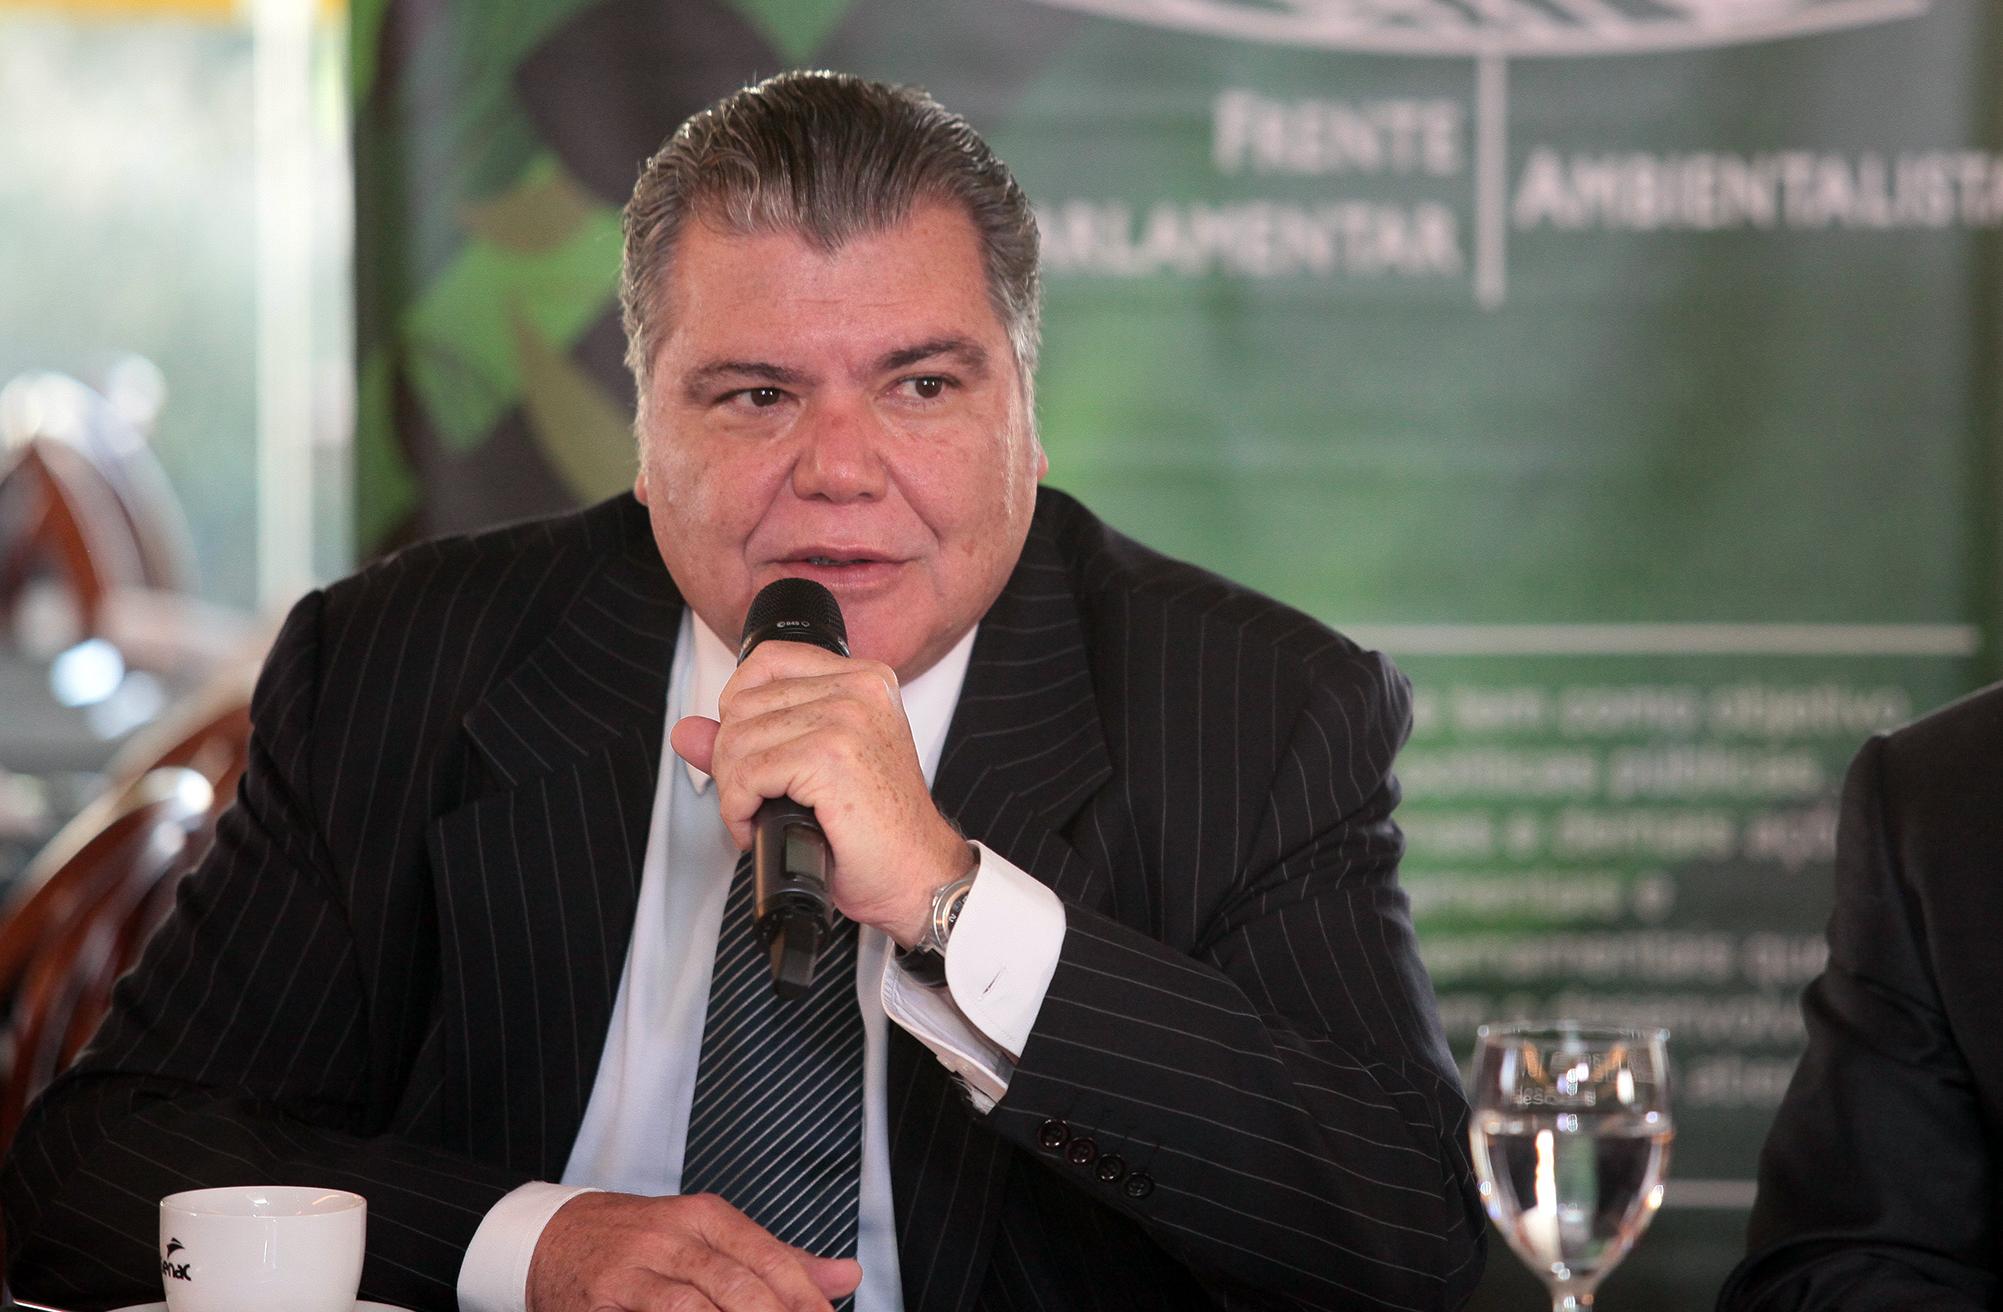 Reunião sobre a contribuição do setor empresarial para implementação do Acordo do Clima. Ministro do Meio Ambiente, José Sarney Filho